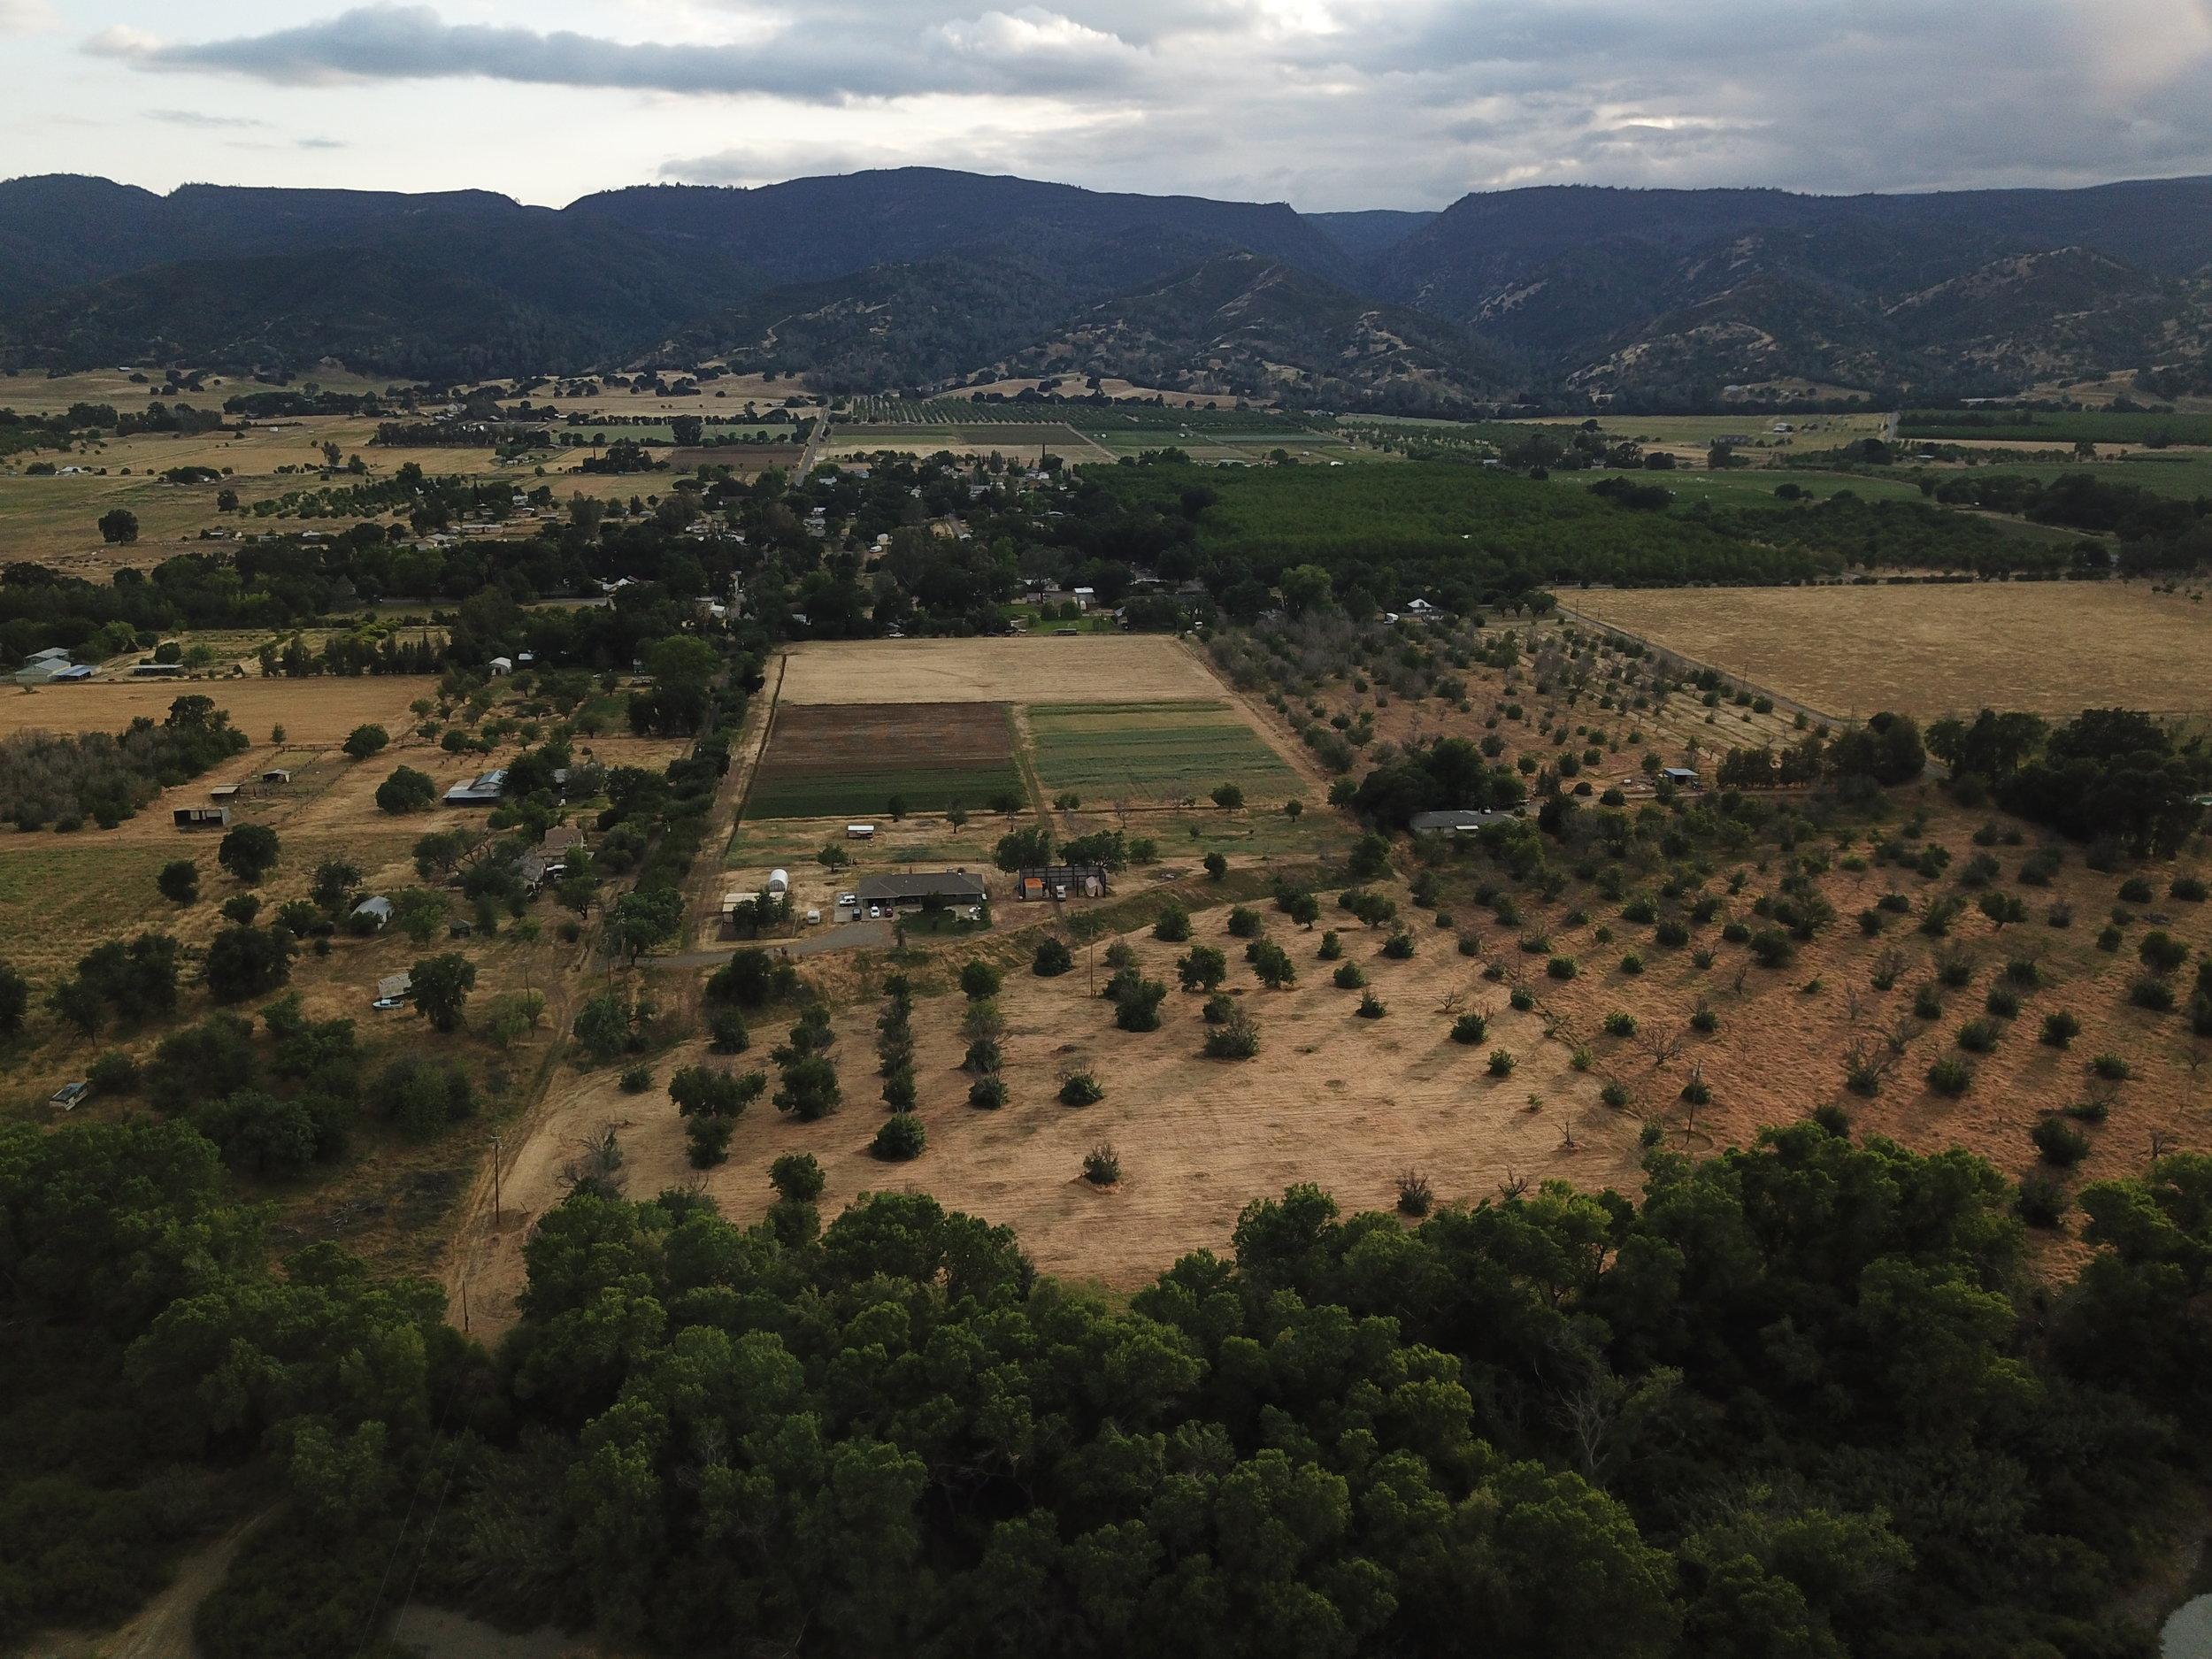 Aerial view of Sun Tracker Farm